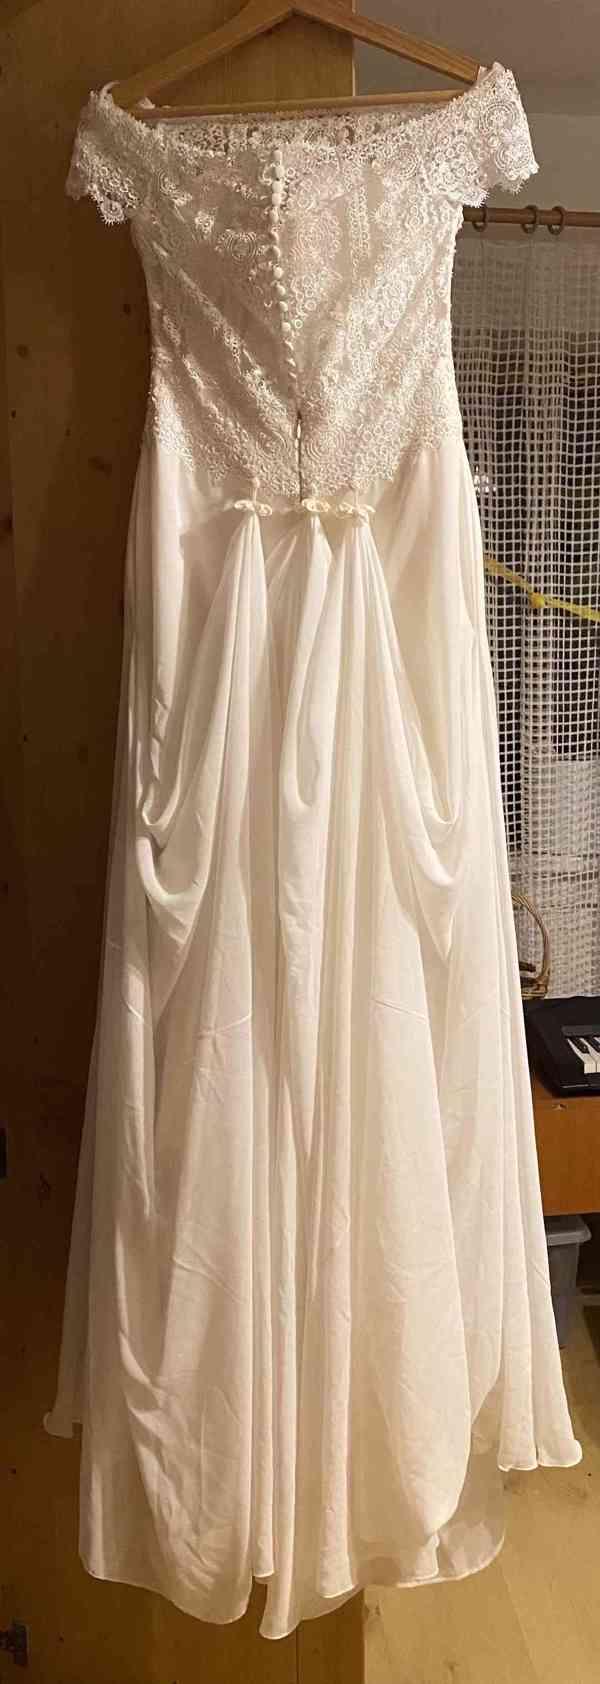 Nádherné svatební šaty vel. 32-34 barva krémová/champagne - foto 5